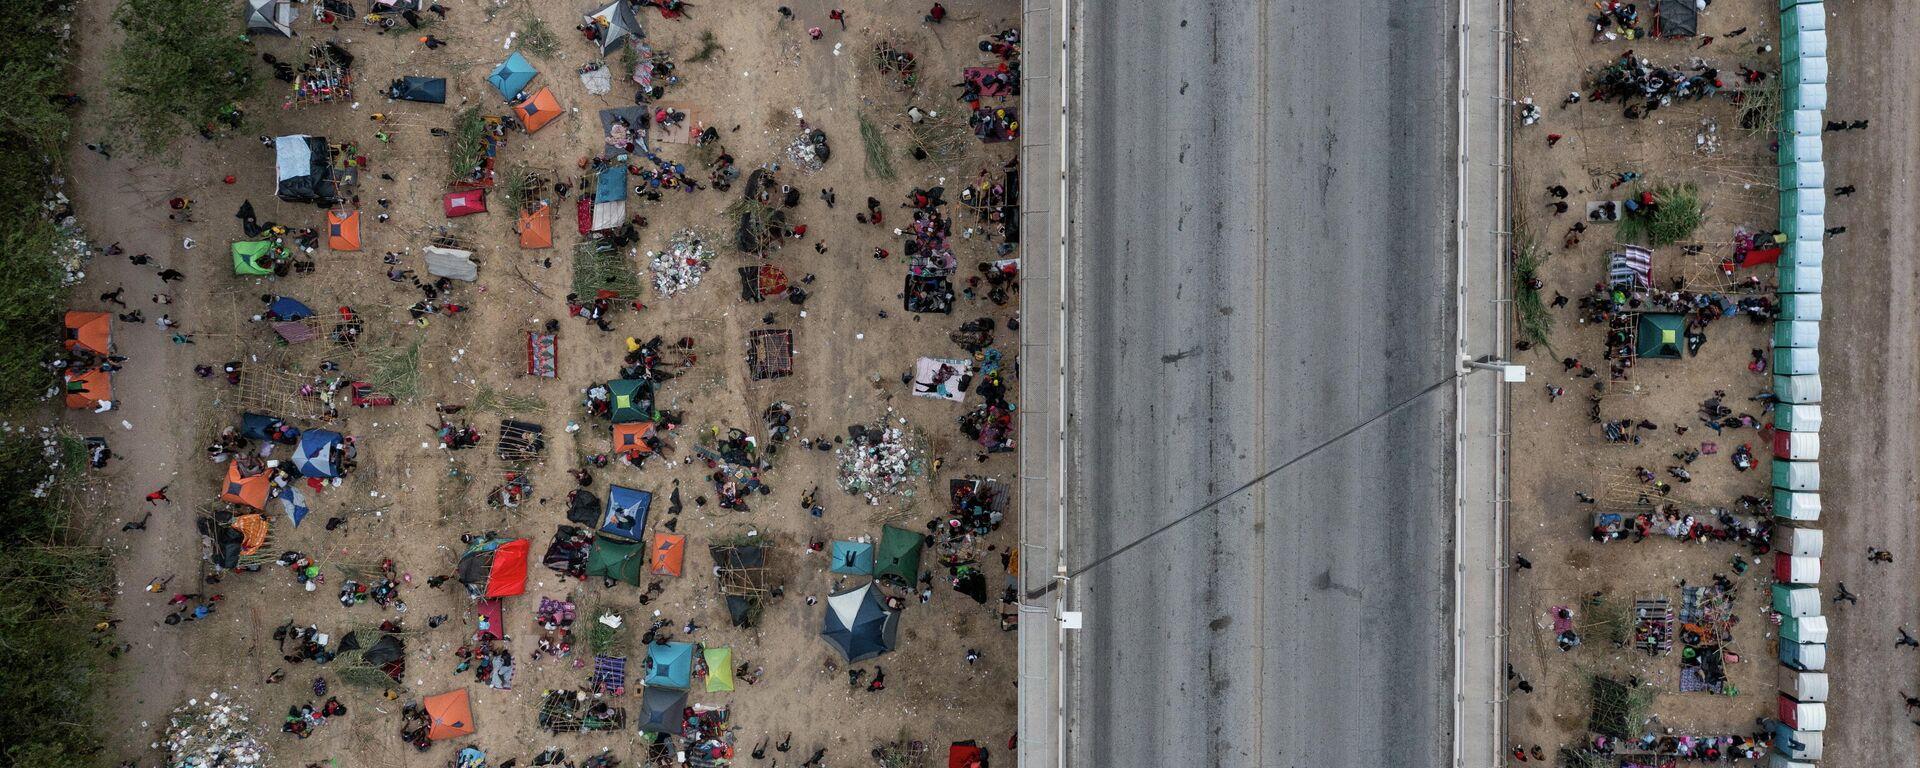 Migrantes varados en el pueblo Del Río (Texas), el 18 de septiembre del 2021 - Sputnik Mundo, 1920, 19.09.2021